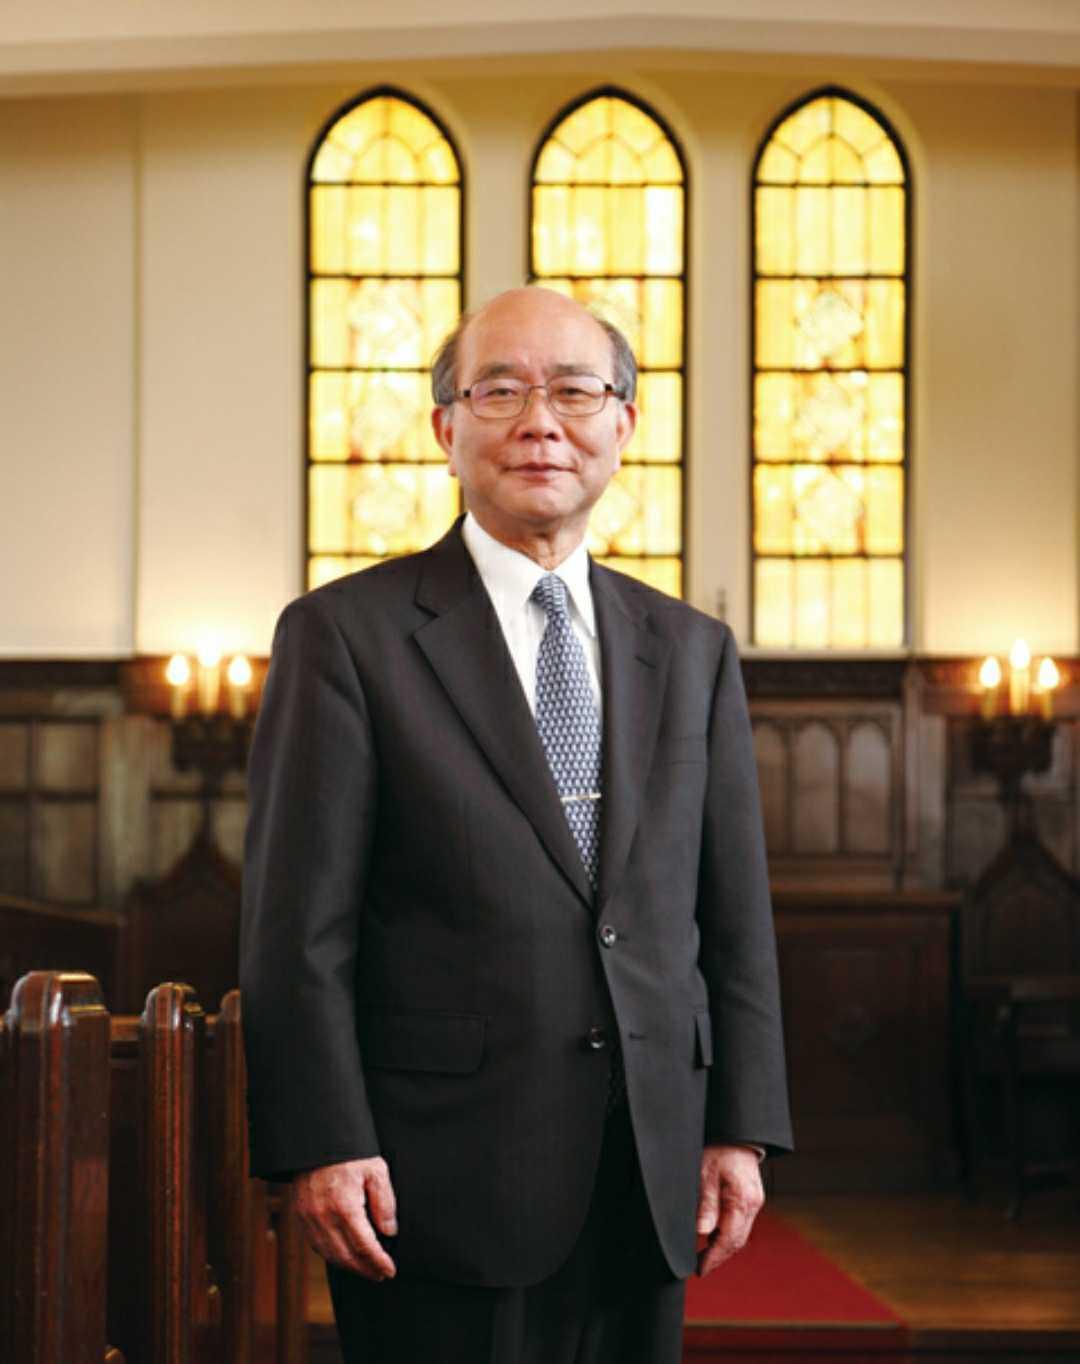 「ニューズ・オプエド」に、前青山学院大学学長・弁護士の三木義一氏が生出演!菅内閣と税制問題についてお聞きします!